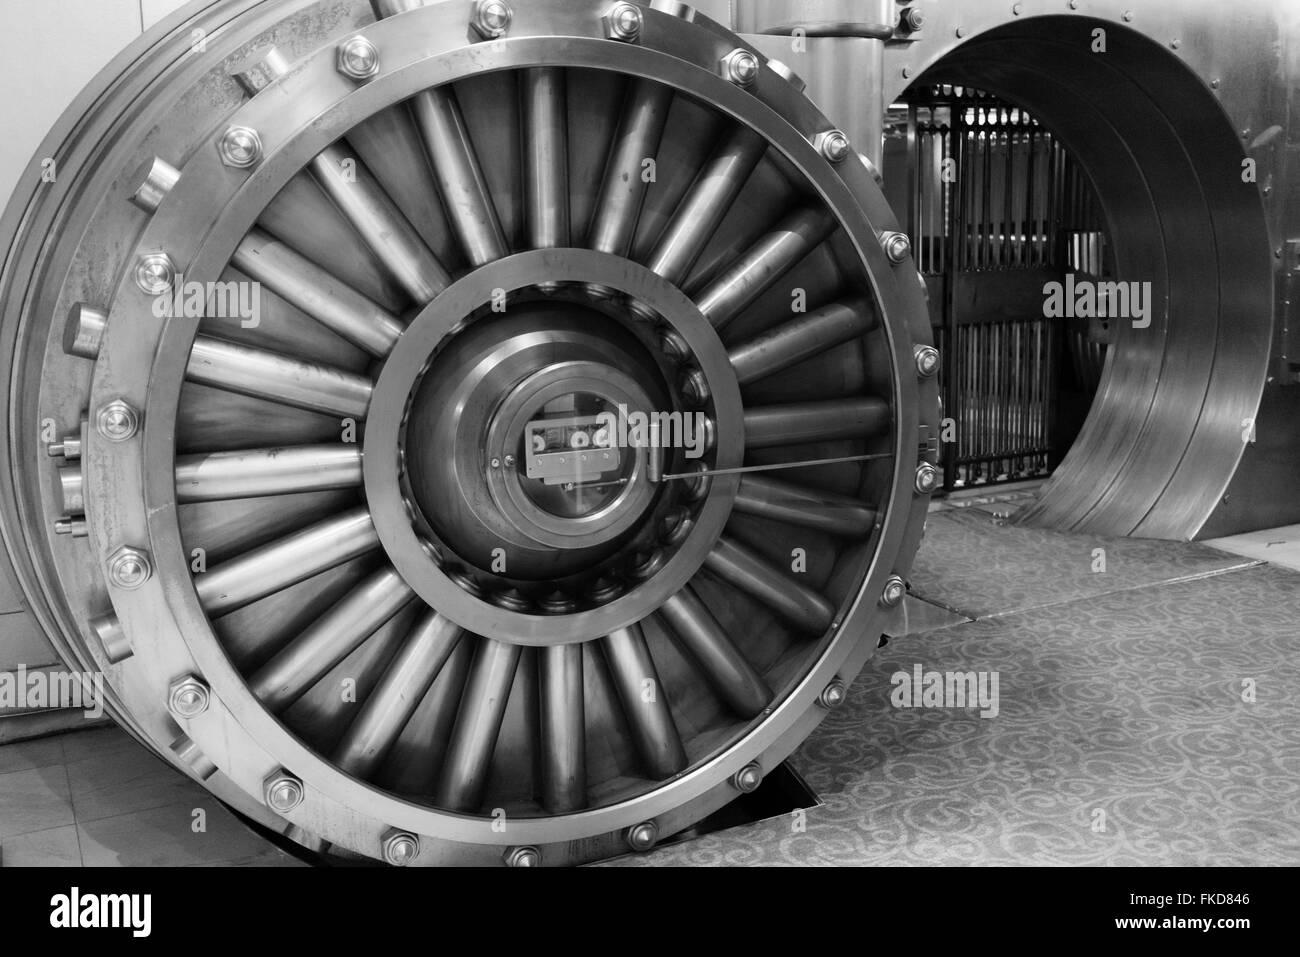 Bank vault with open door & grill - Stock Image